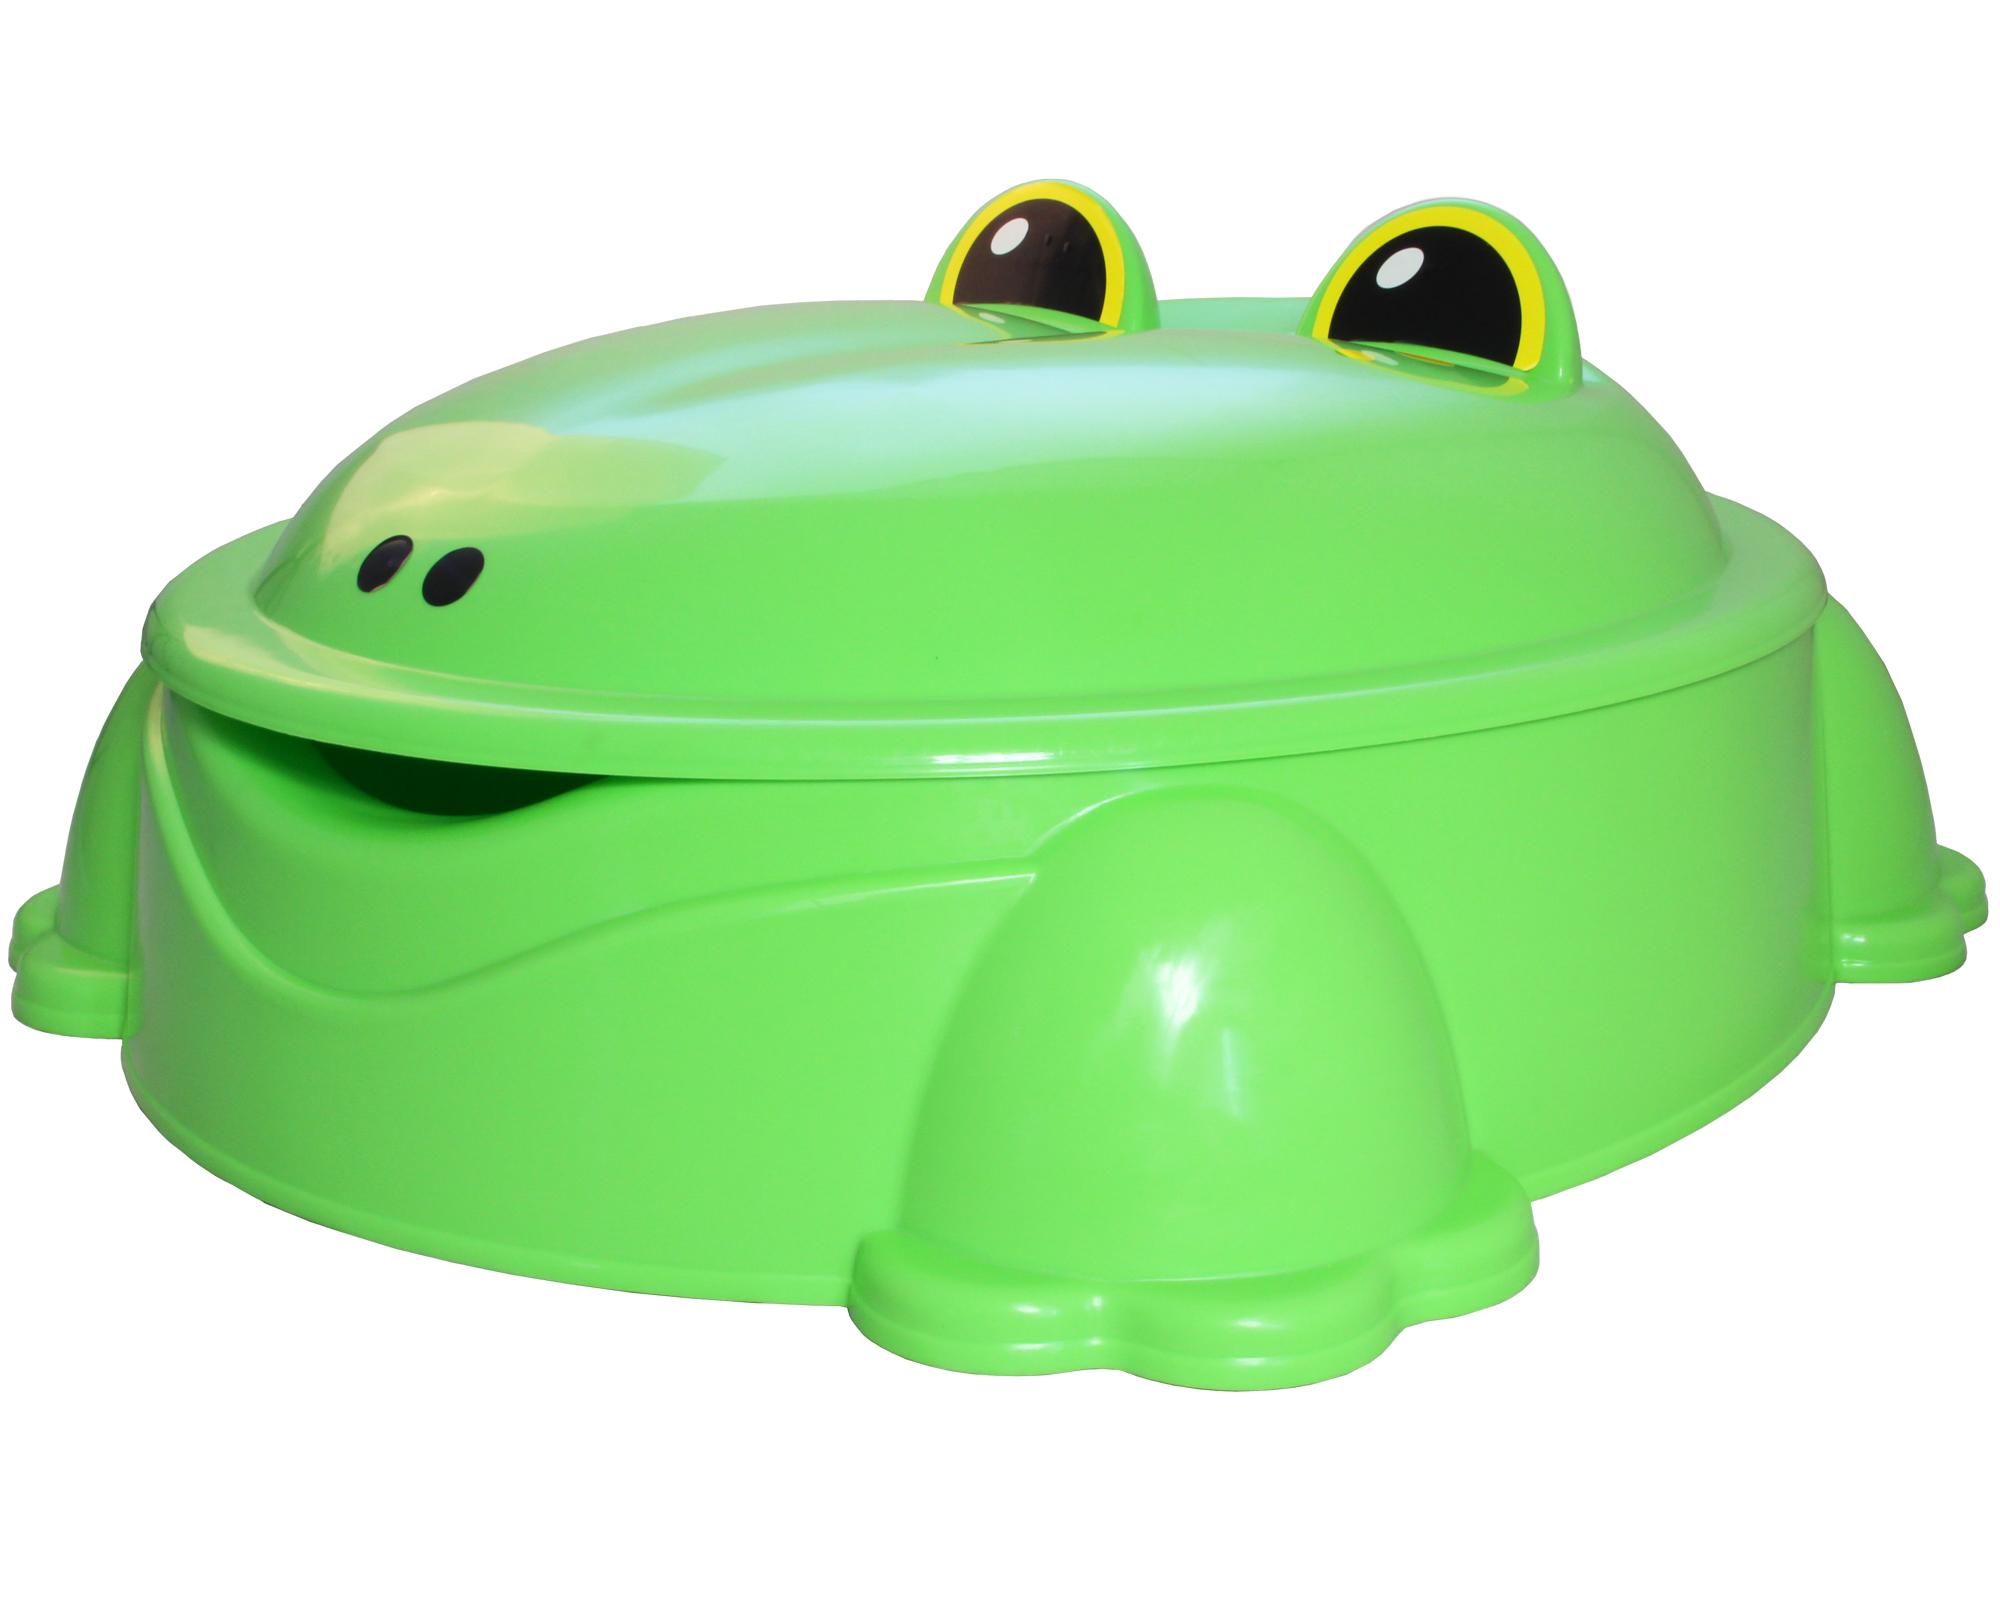 ondis24 sandkasten planschbecken freddy der frosch mit deckel g nstig online kaufen. Black Bedroom Furniture Sets. Home Design Ideas